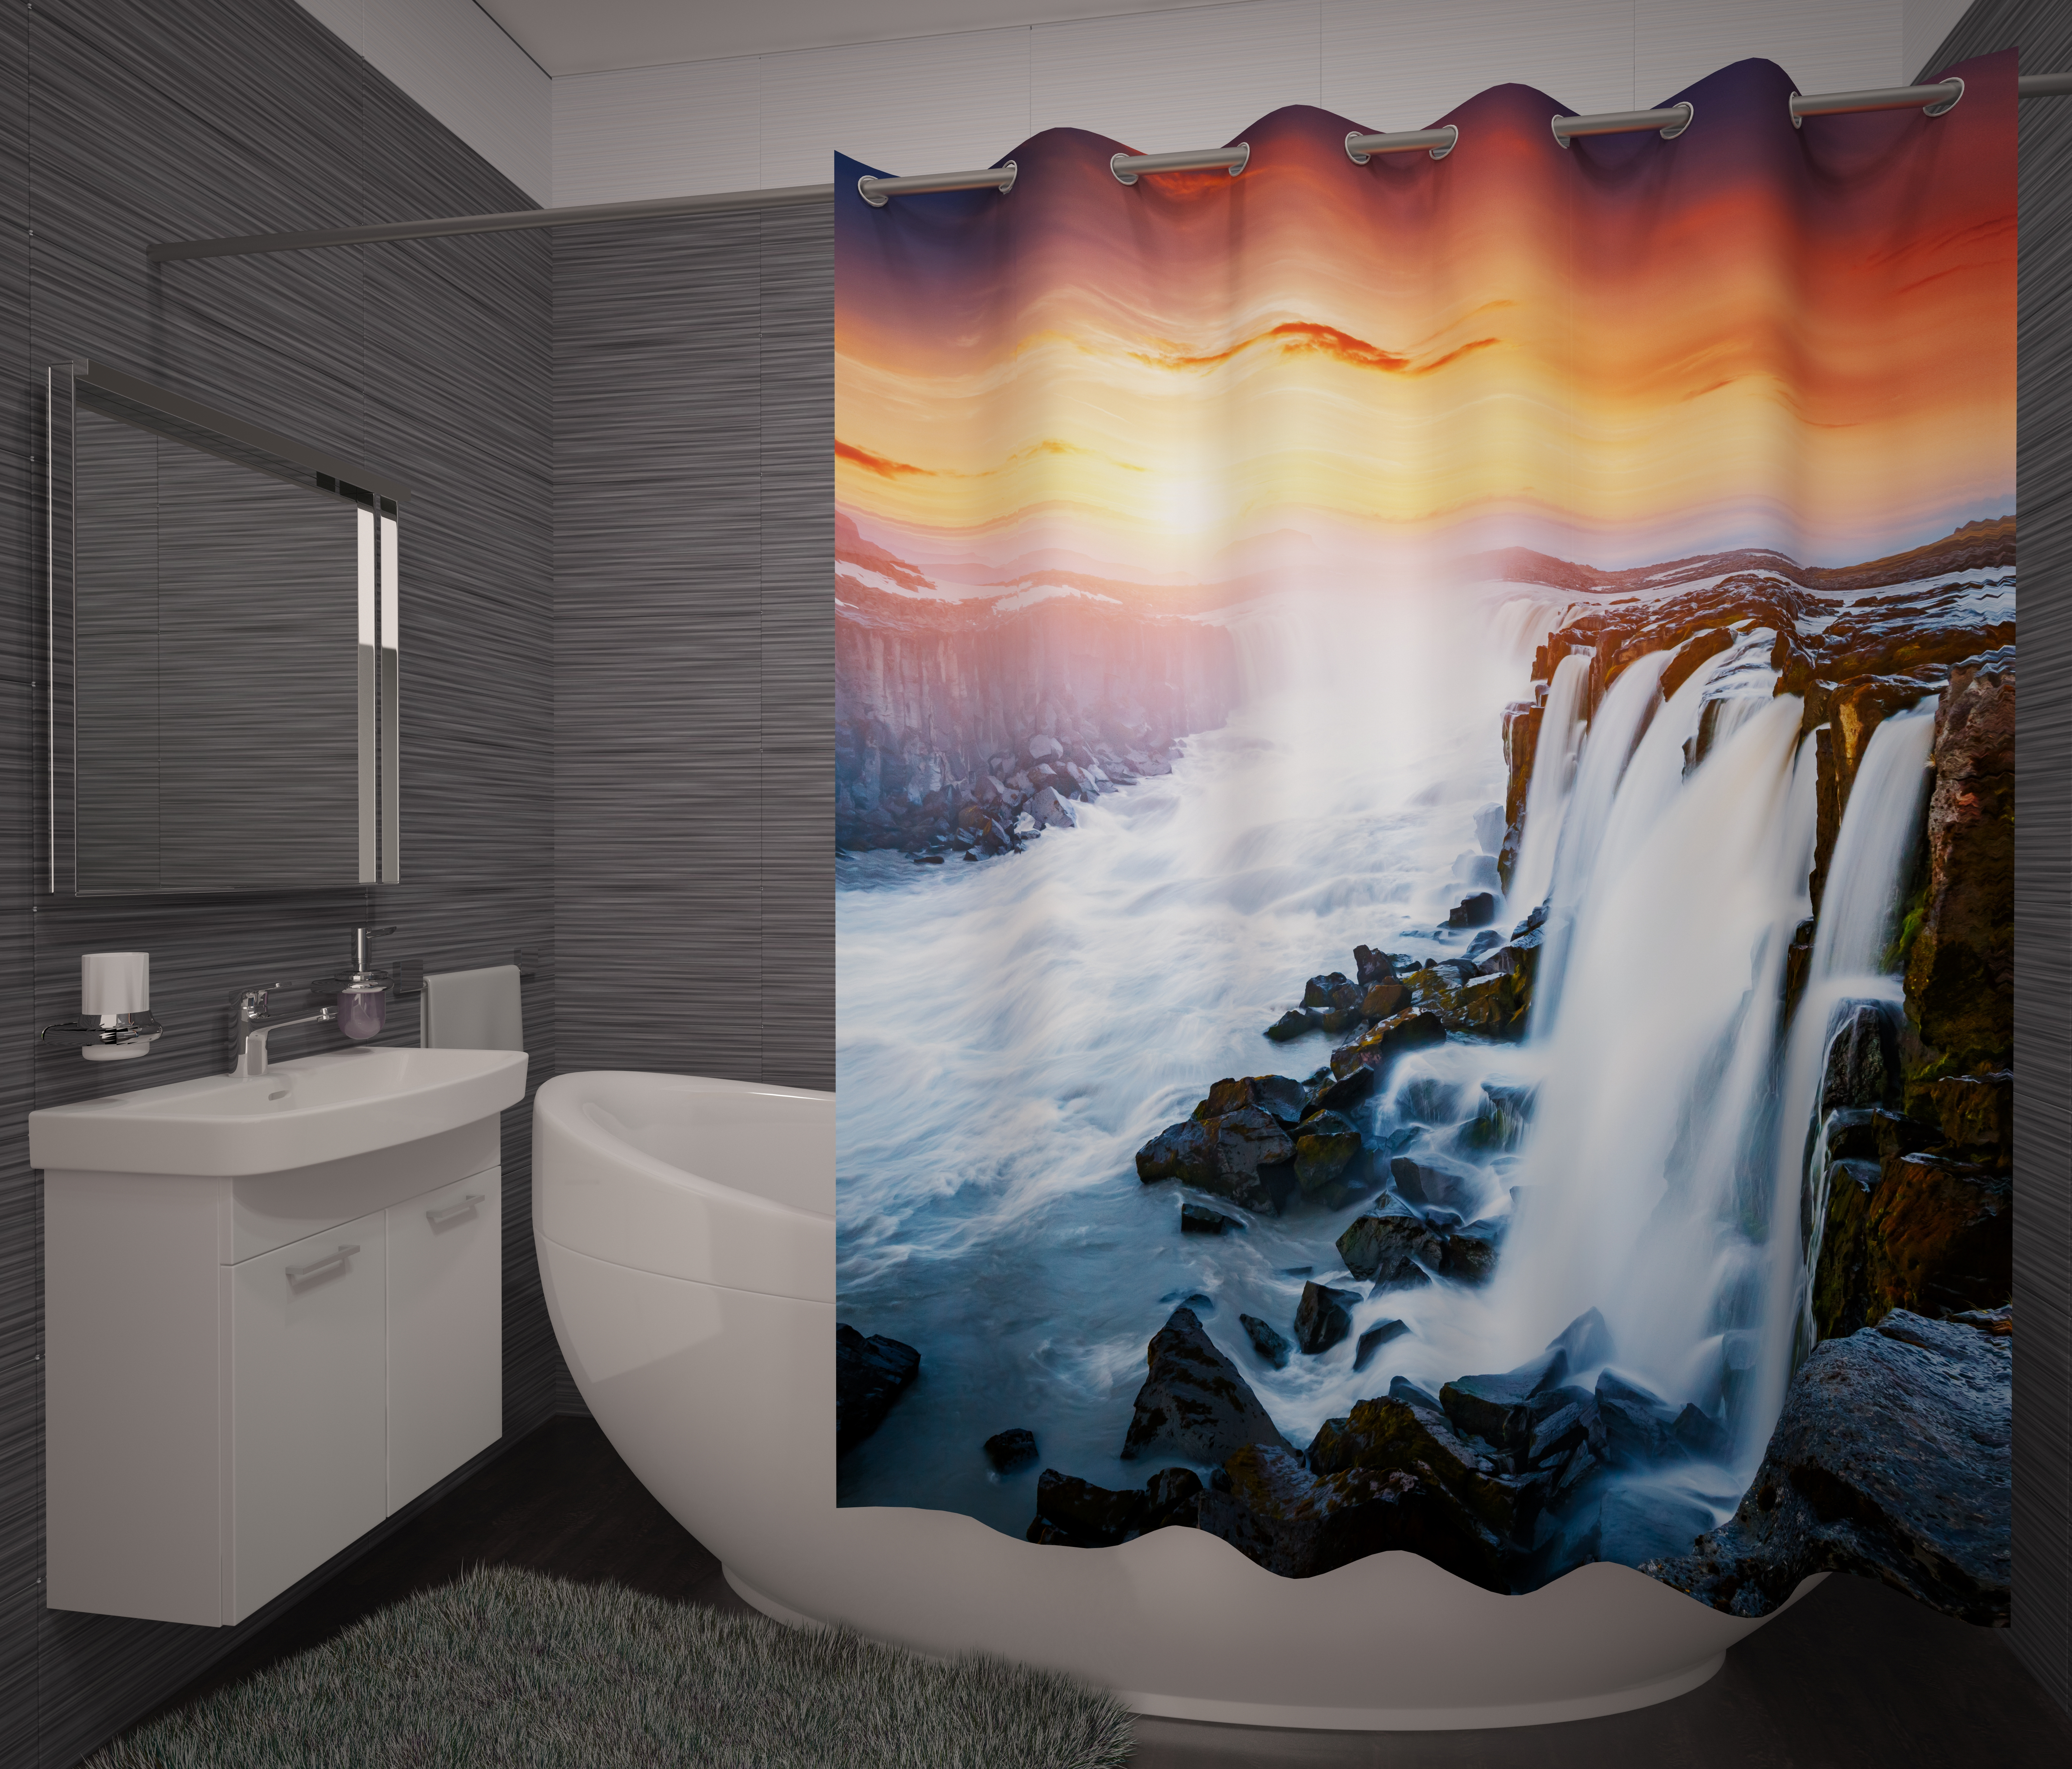 Шторы и карнизы для ванной Fototende Фотошторы для ванной Horta